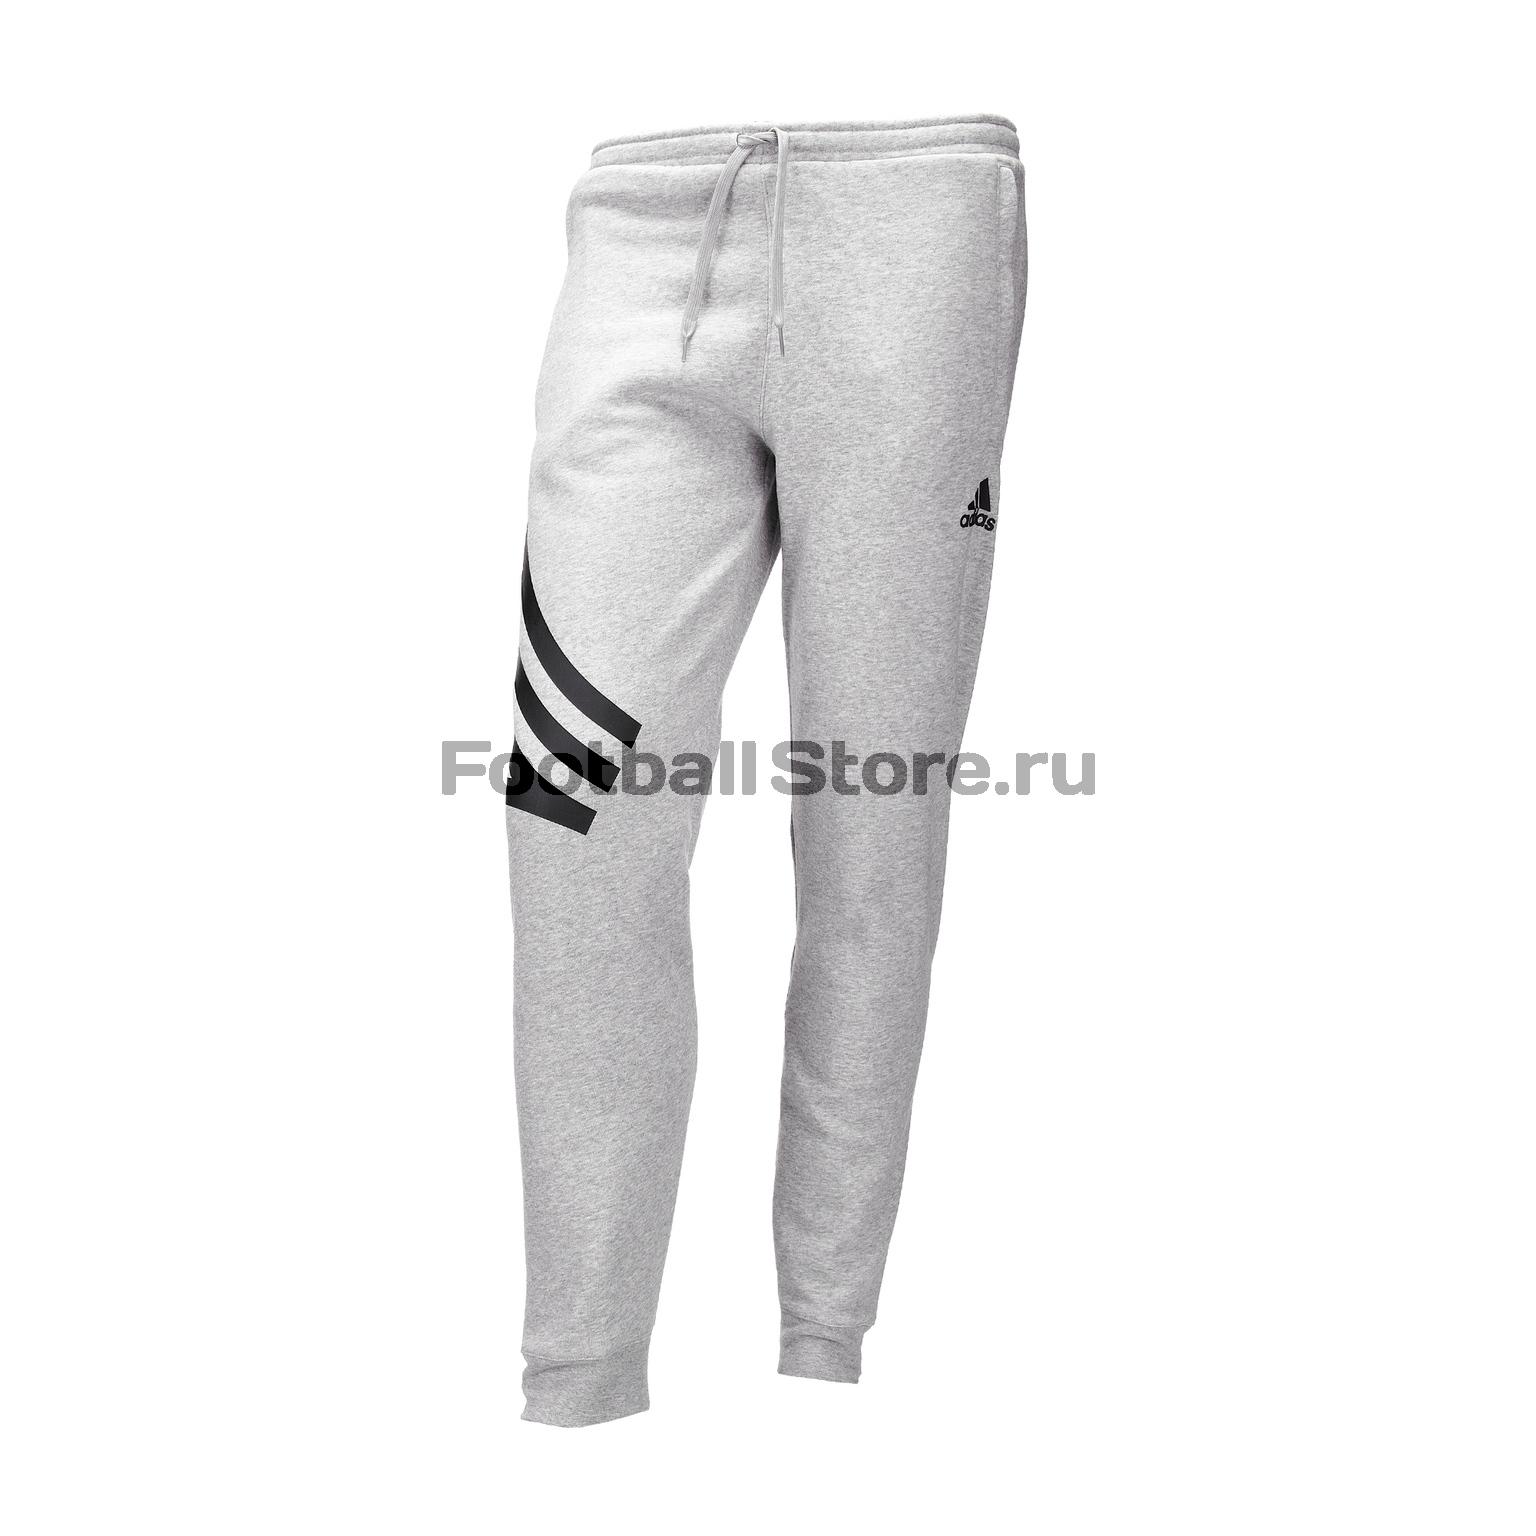 Брюки Adidas Tan GR DP2695 шорты игровые adidas tan dt9843